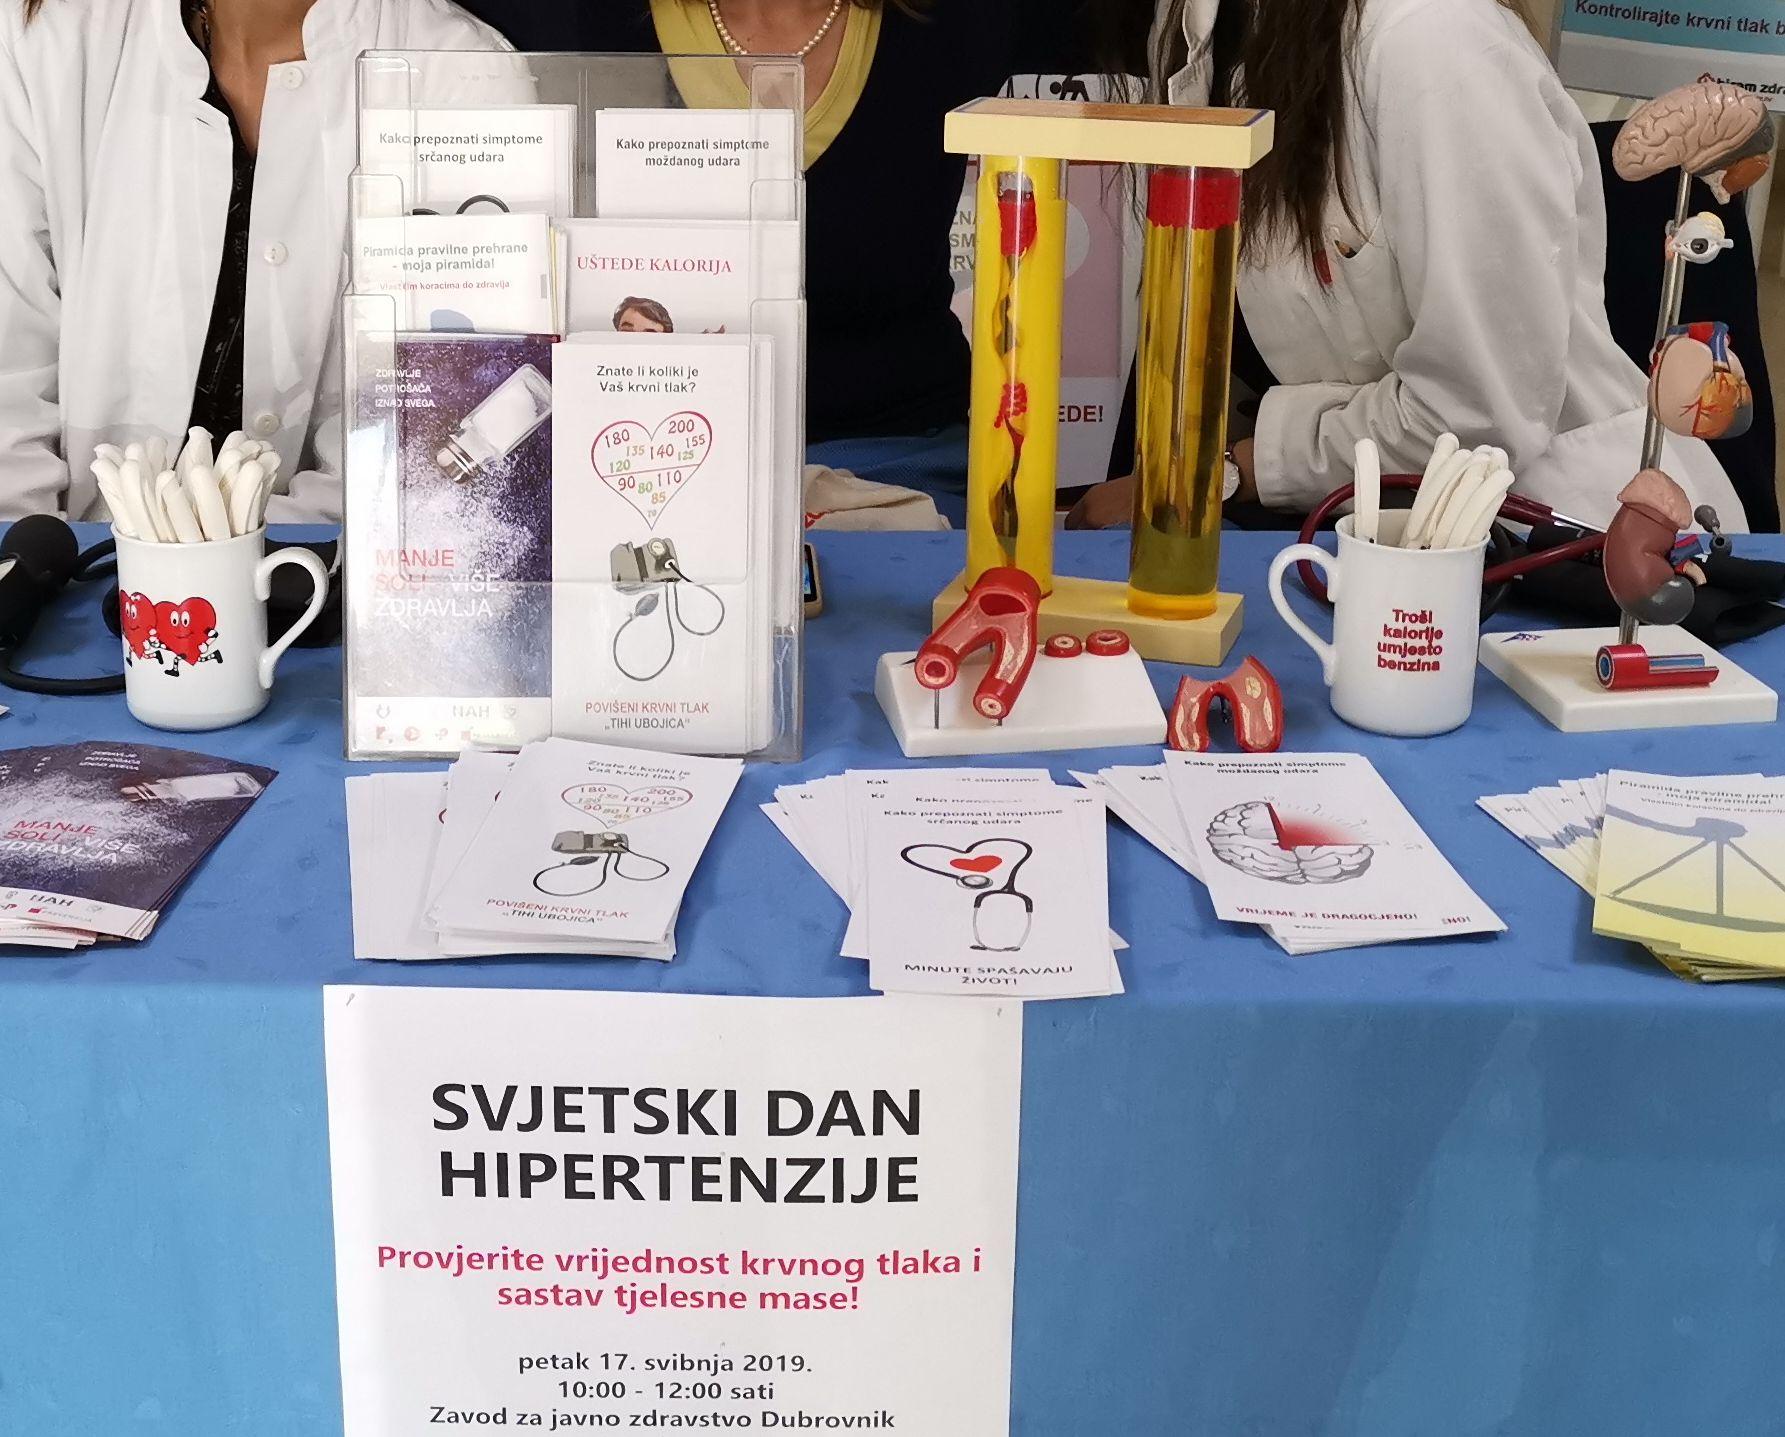 medicina. sprječavanje hipertenzije